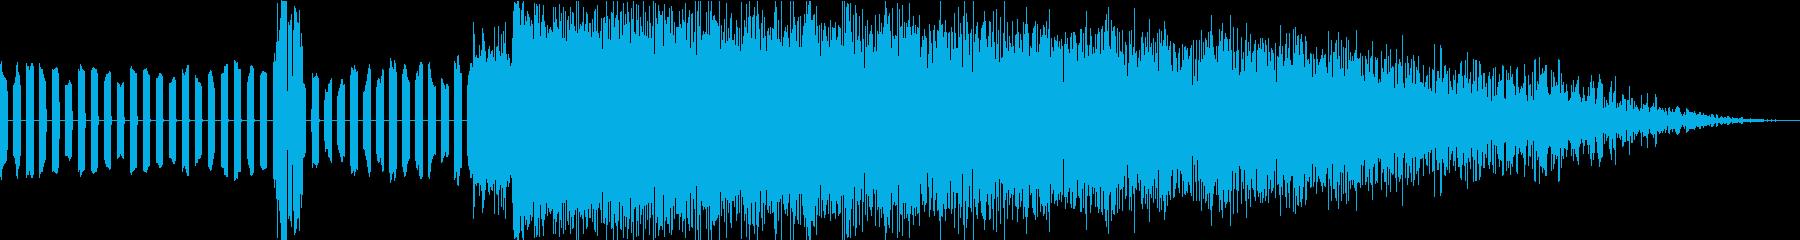 ピピ!バシューン!(ビームの発射)の再生済みの波形